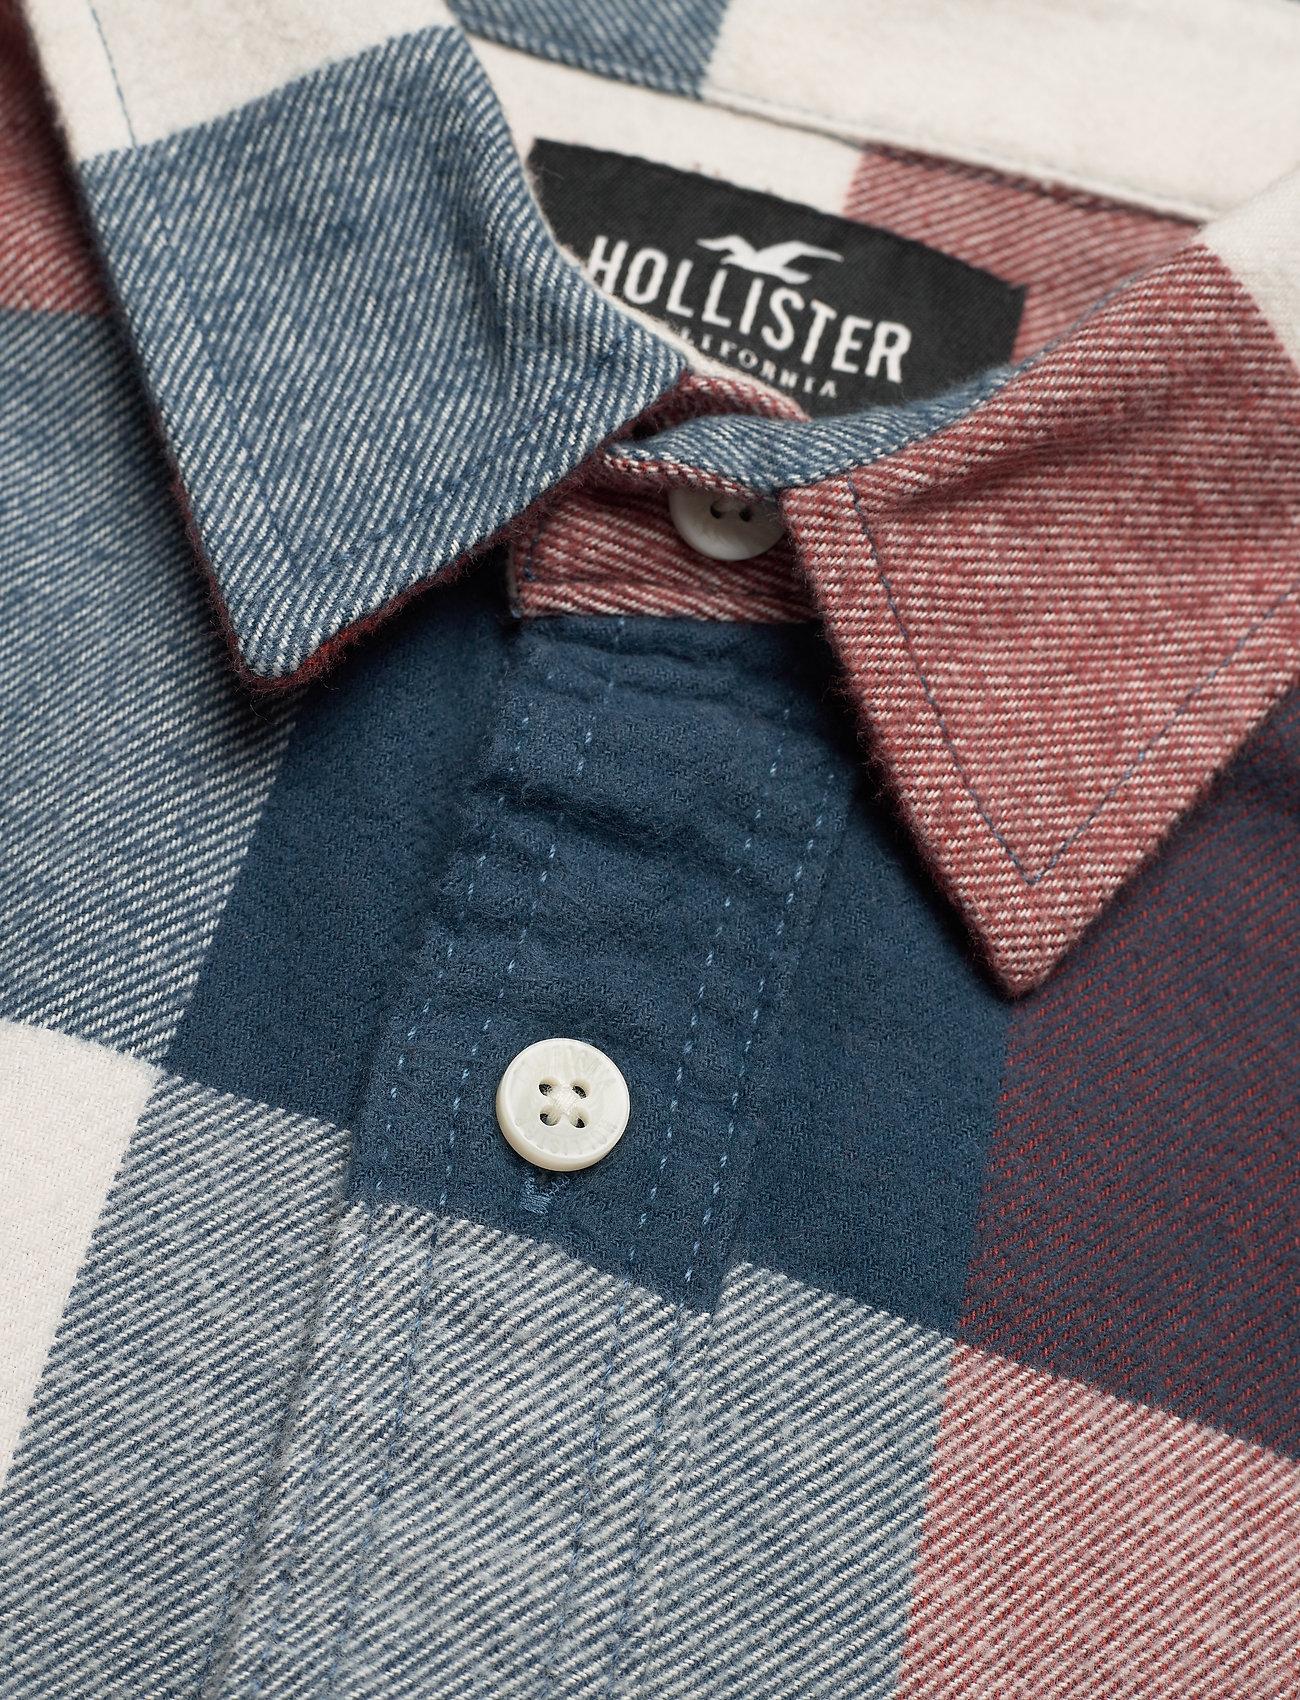 Hollister HCo. GUYS WOVENS - Skjorter NAVY PATTERN - Menn Klær